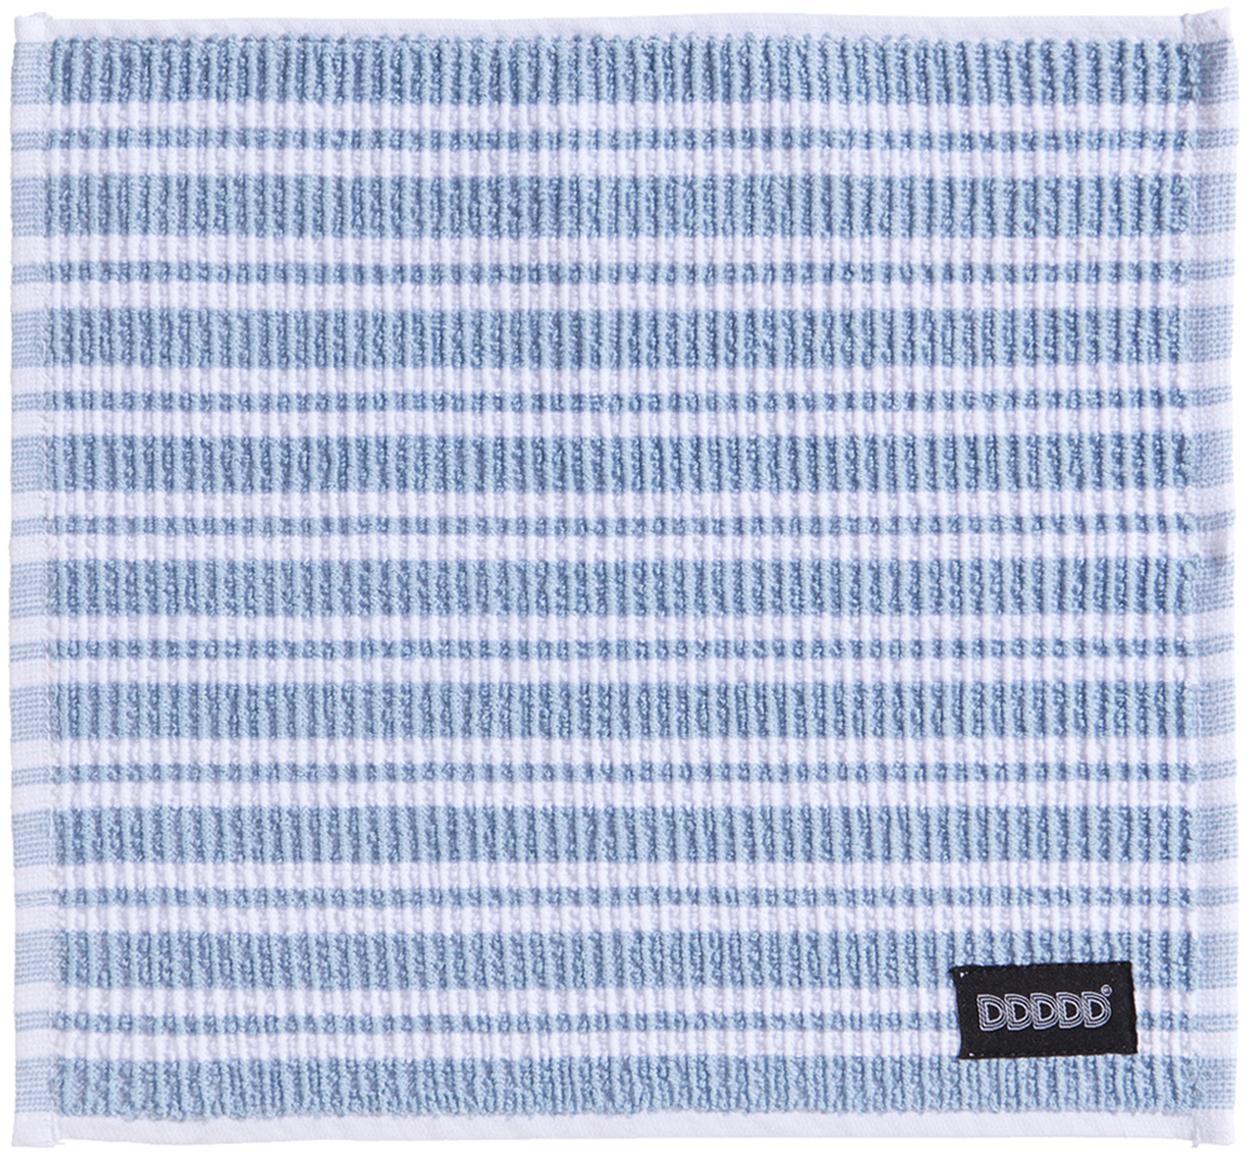 Sponsdoeken Basic Clean, 4 stuks, Katoen, Blauw, wit, 30 x 30 cm